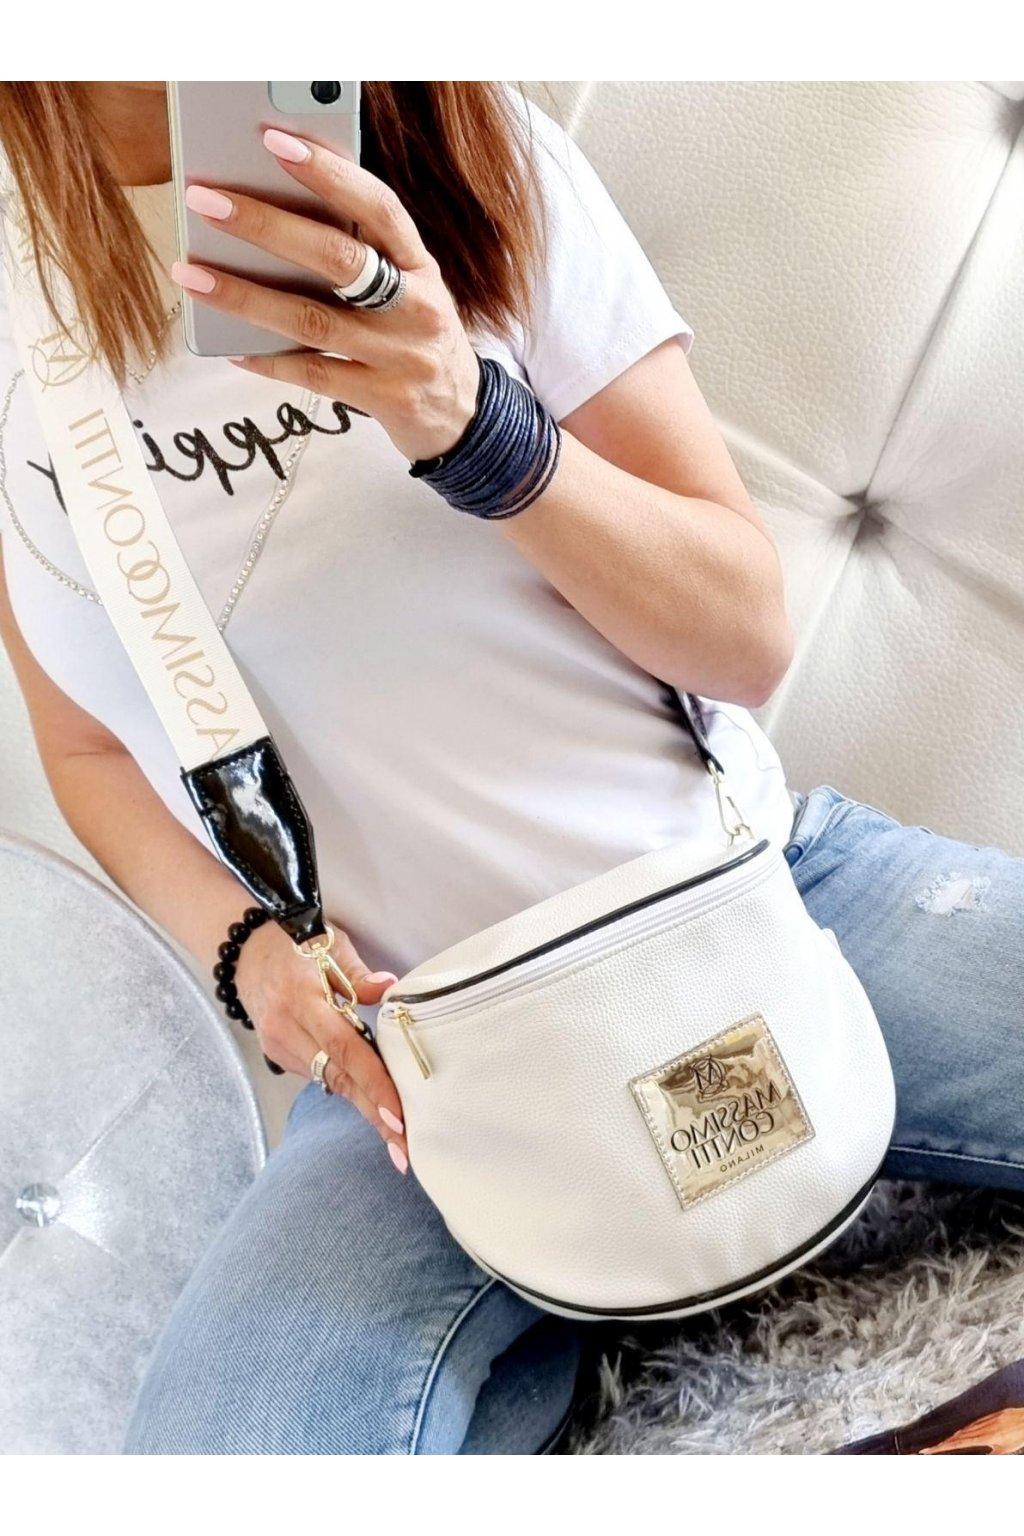 Massimo contti kabelka crossbody značková luxusní kabelka italy fashion white bílá